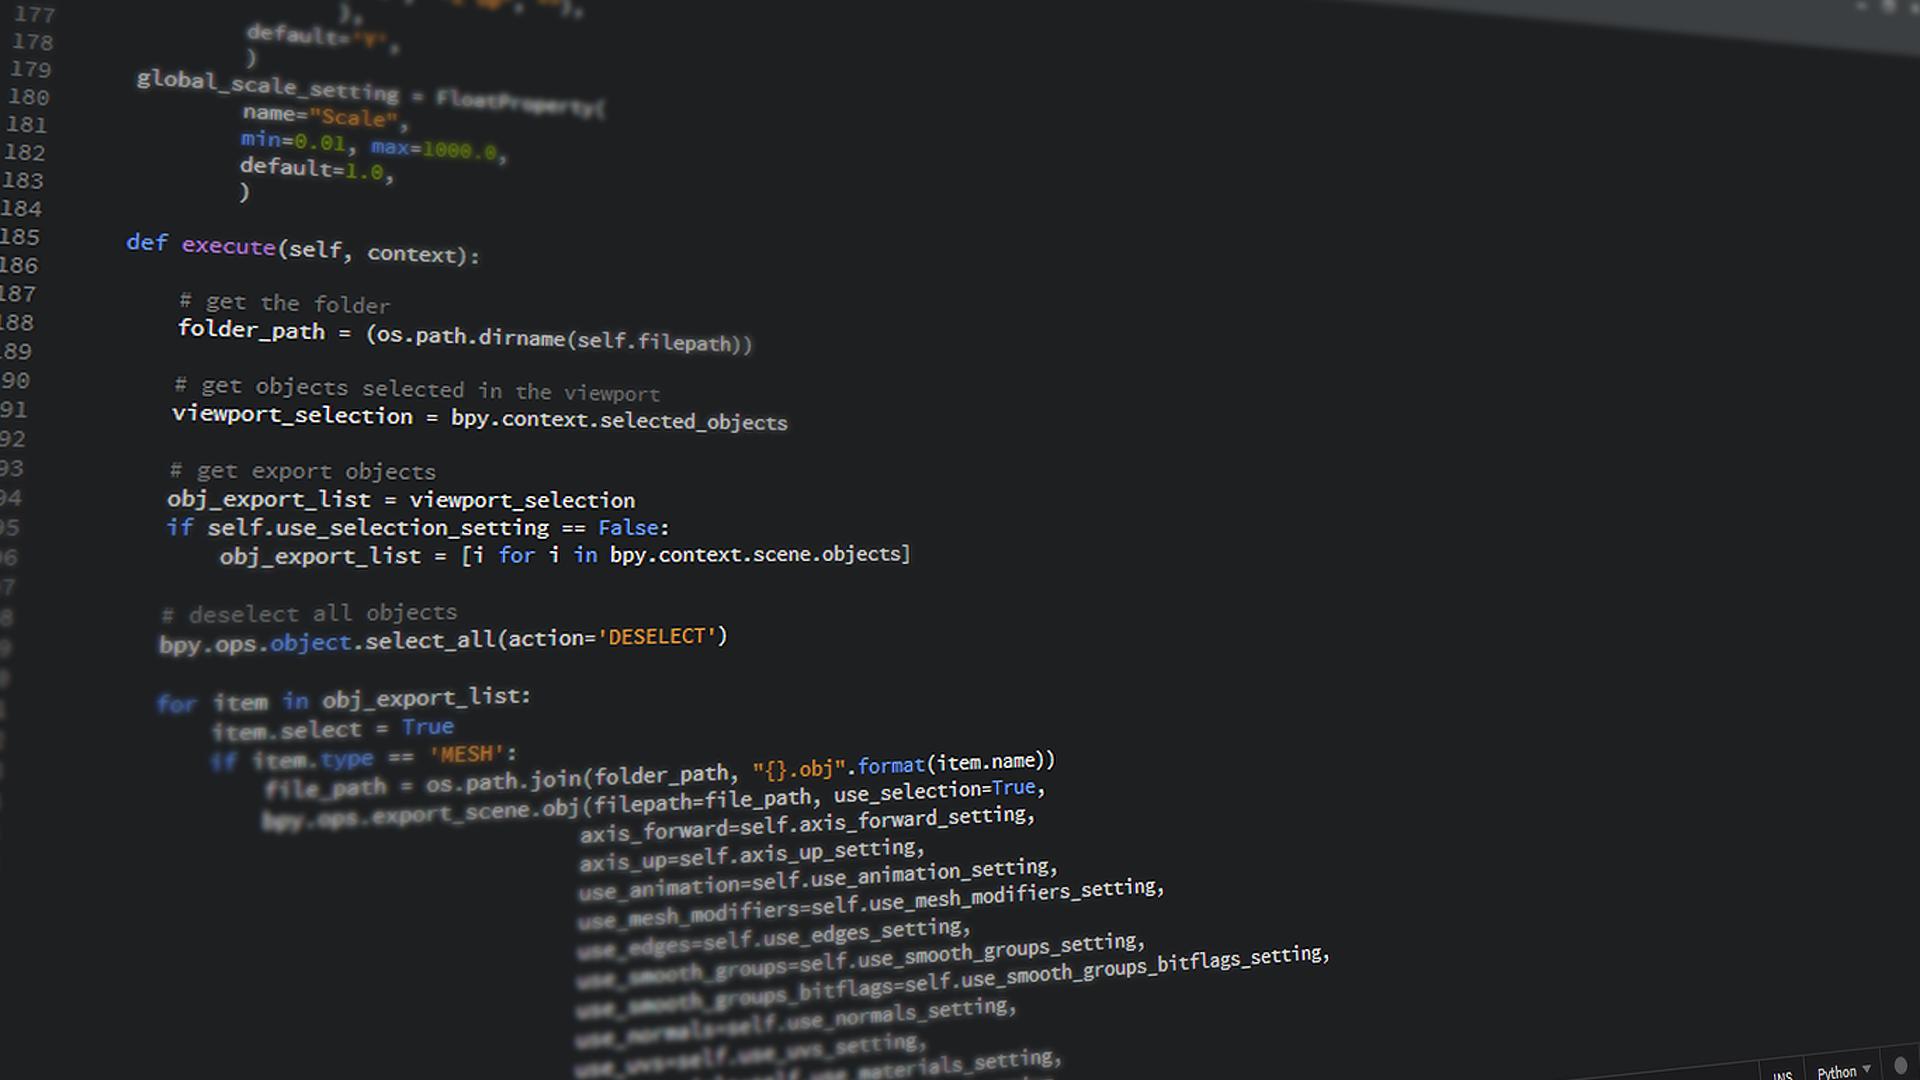 coding, python, js, javscript, java, c++